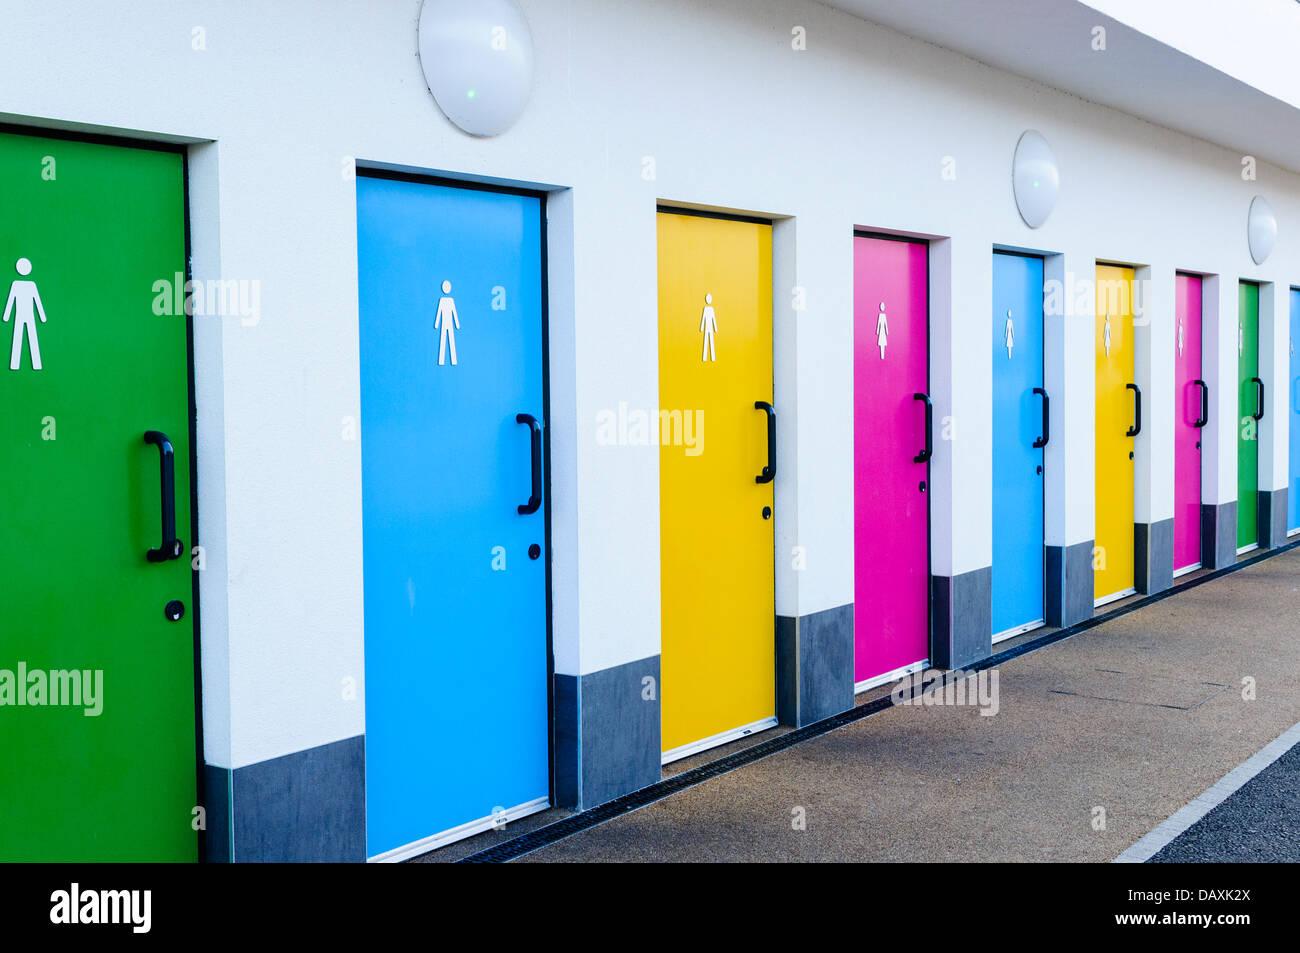 Public Bathroom Door Toilet Doors For Male And Female Genders Stock